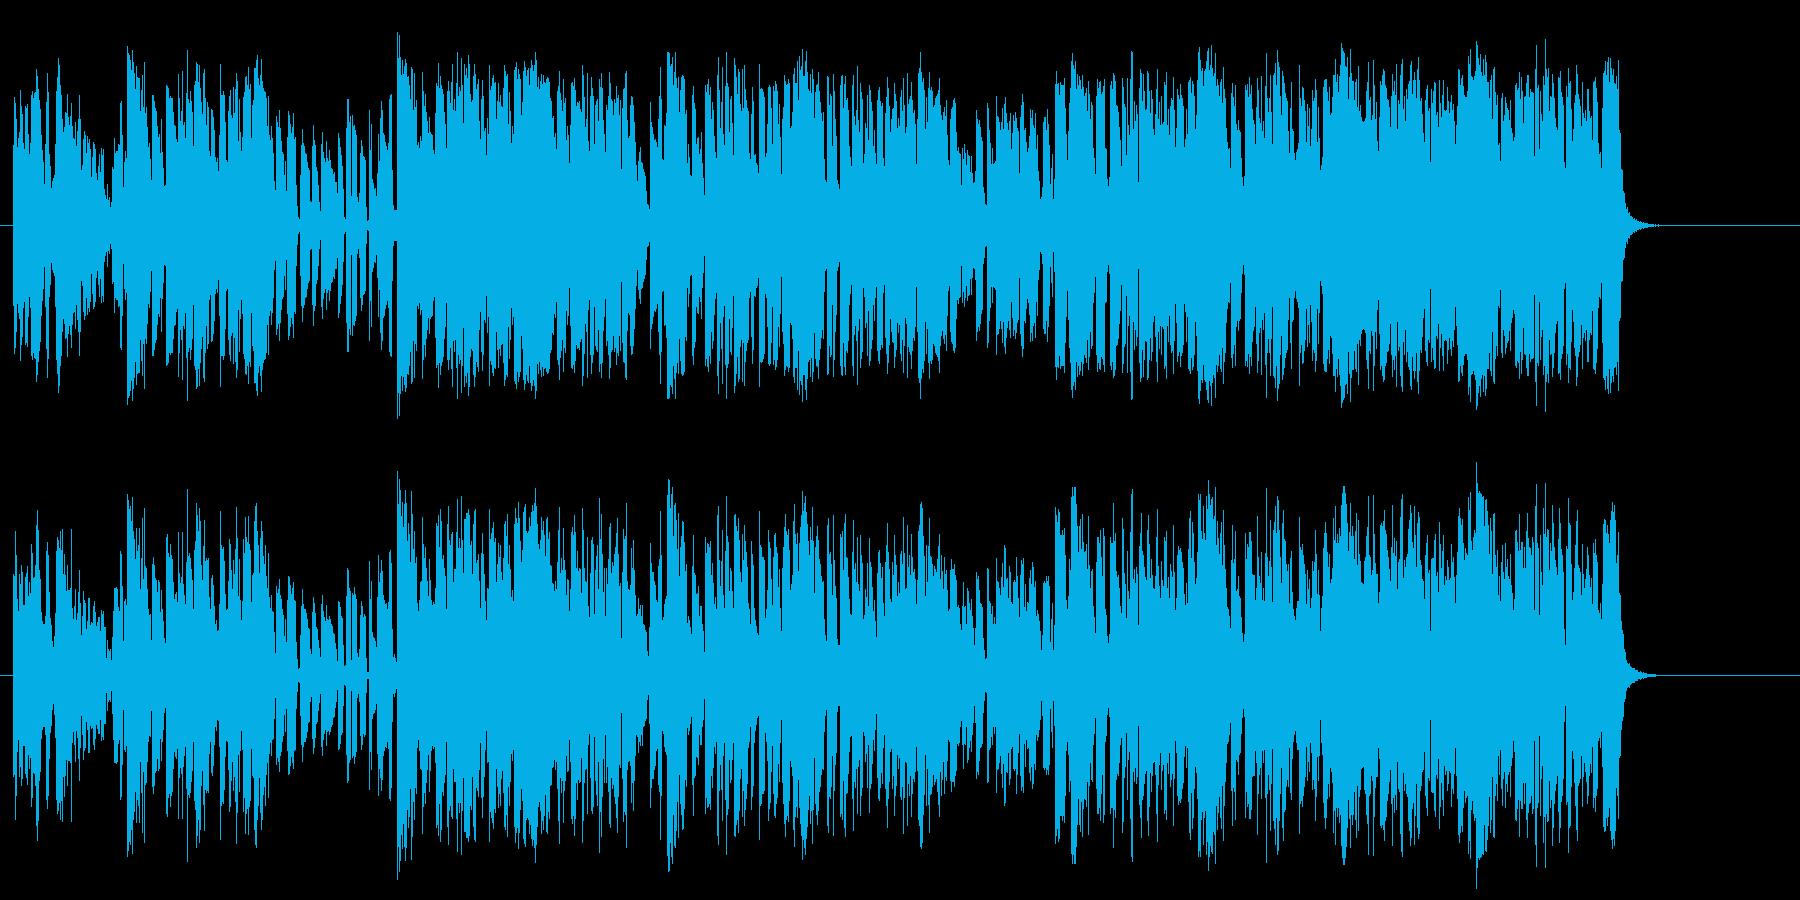 クラブの若者を描いたファンク/テクノの再生済みの波形